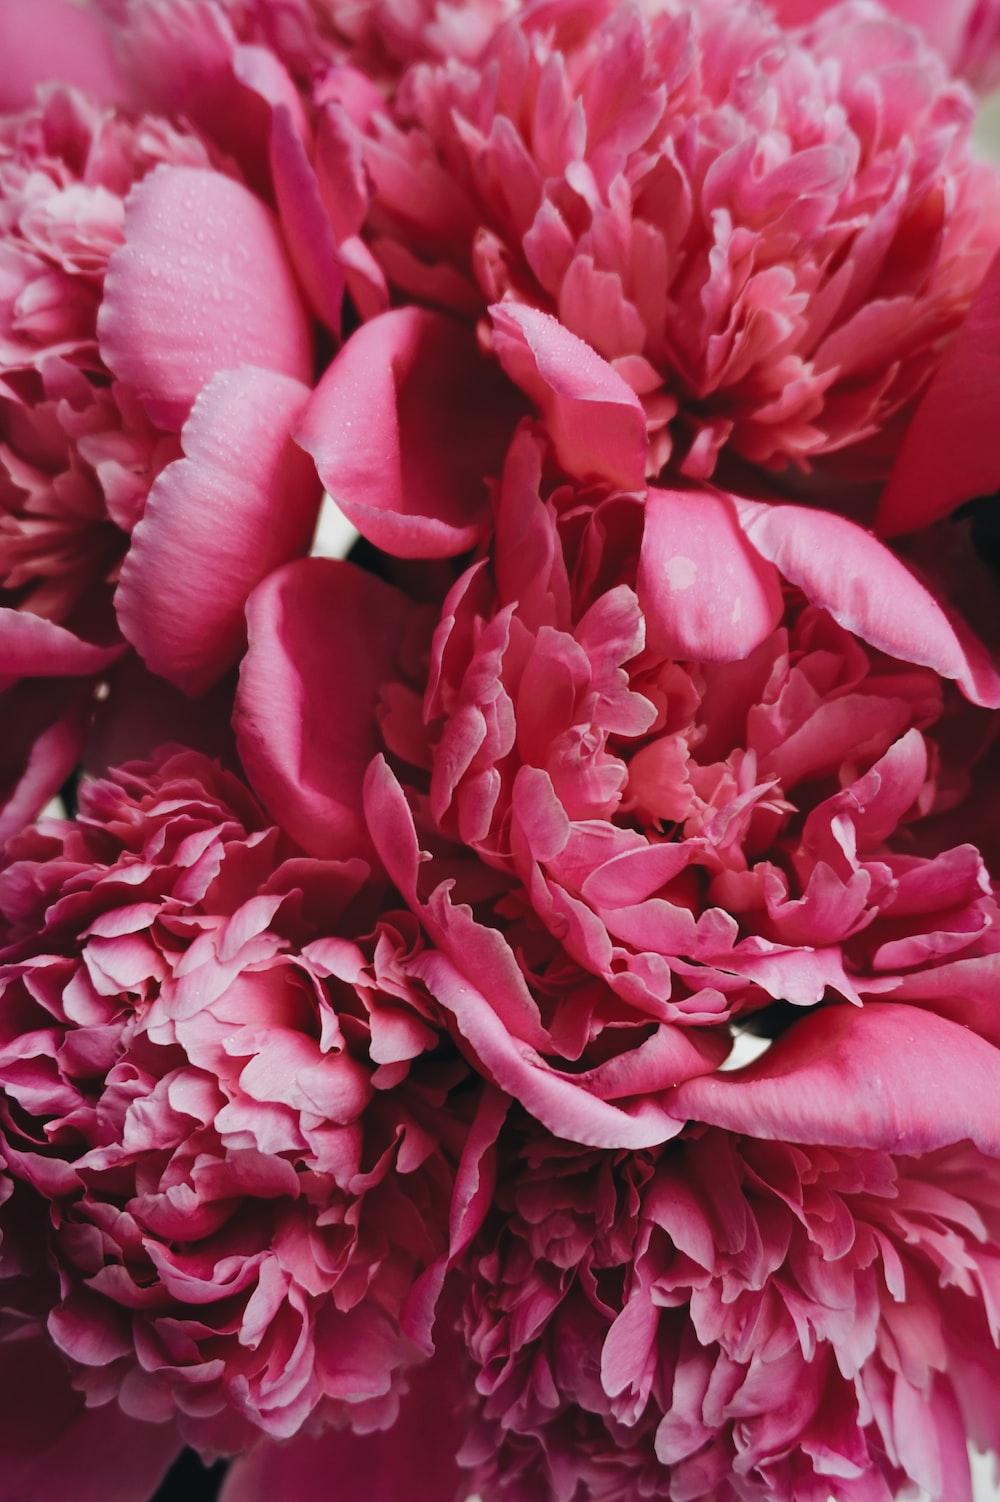 pink-clustered petal flower